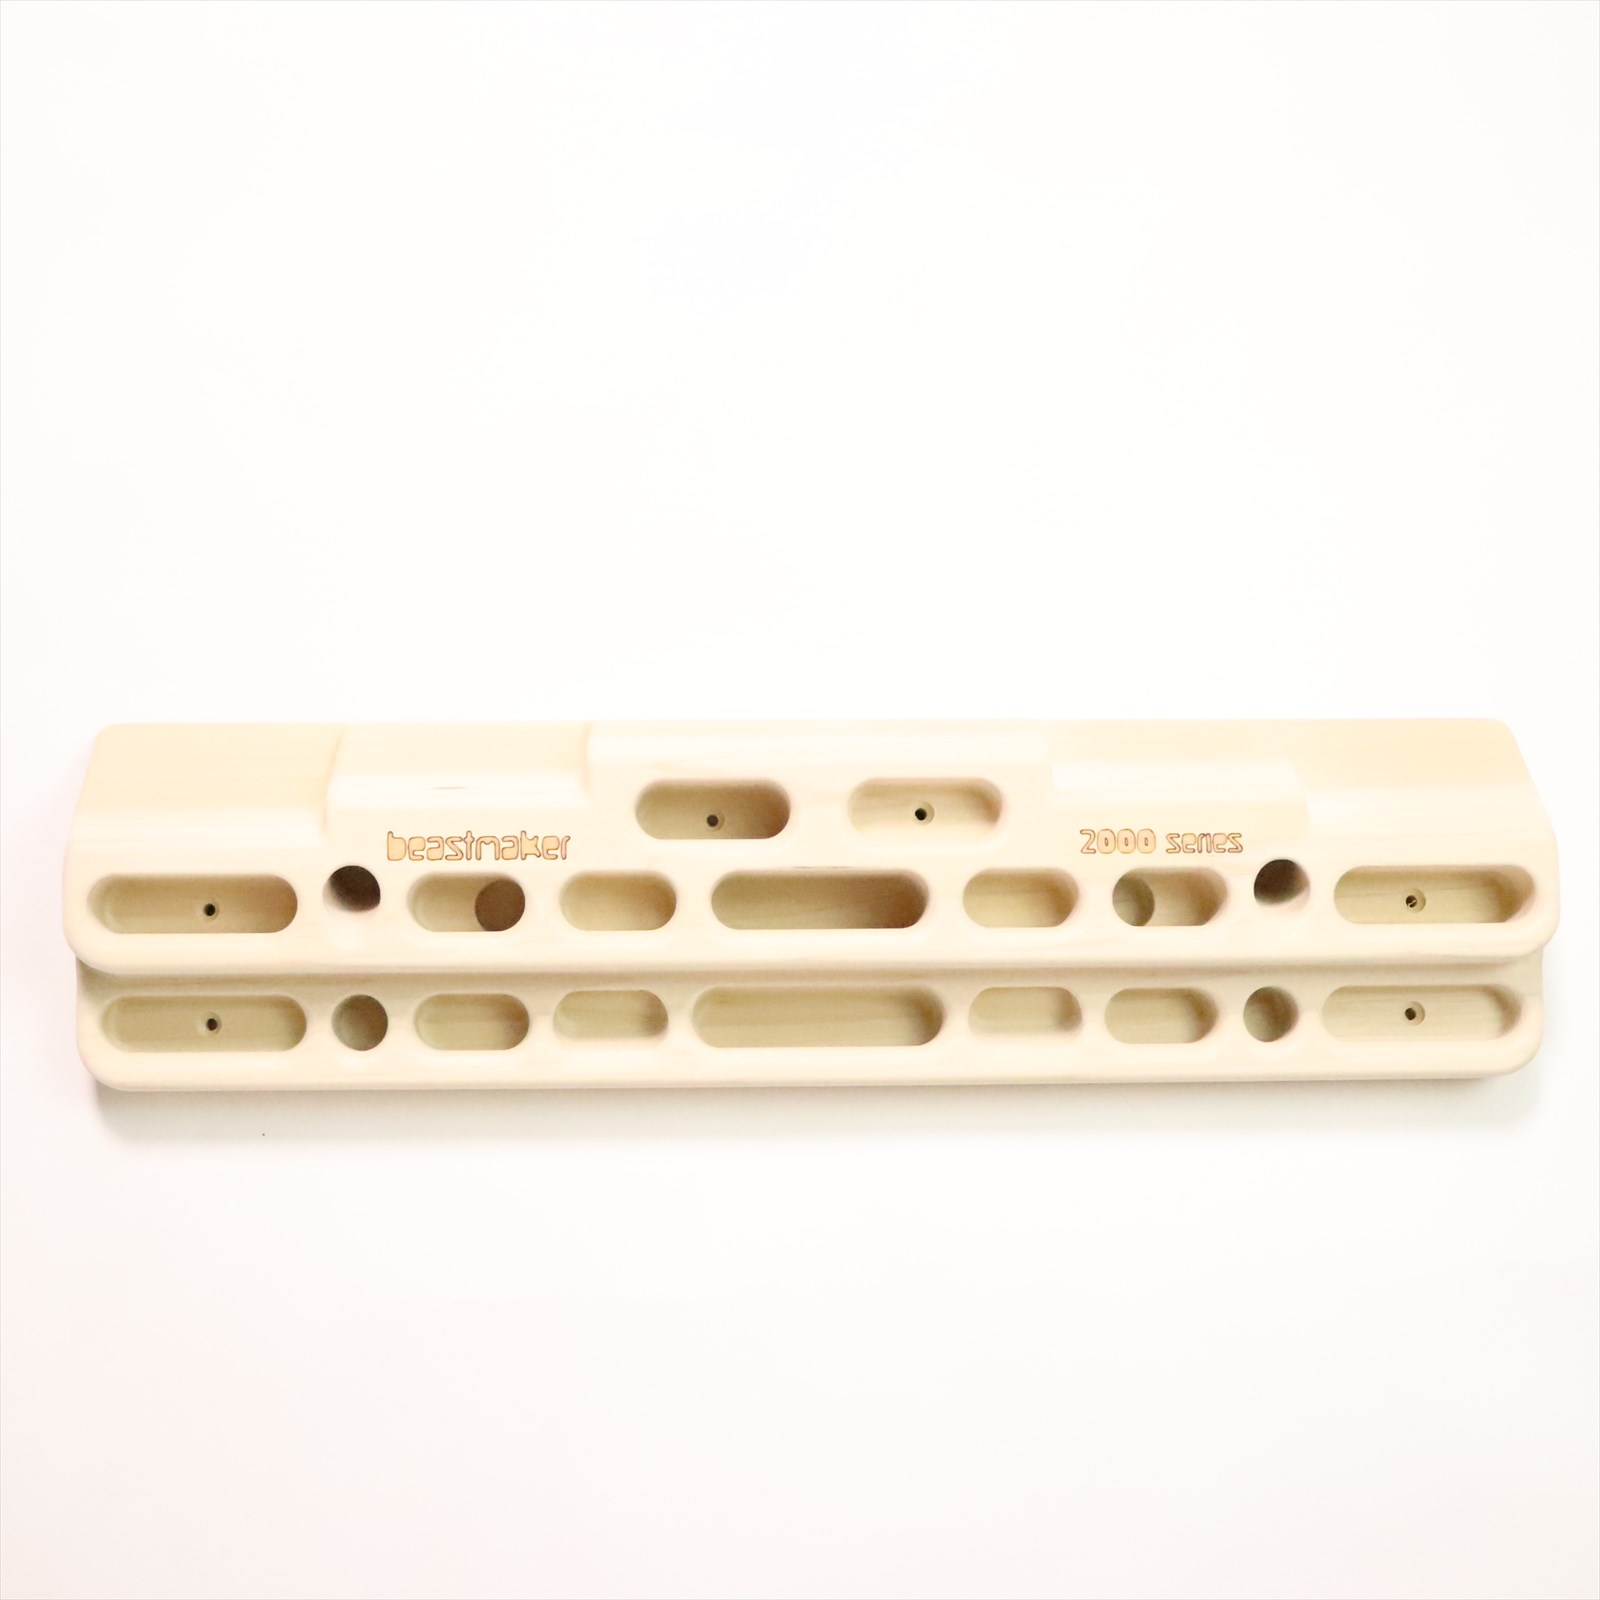 Beastmaker ビーストメーカー 2000 Series Fingerboard